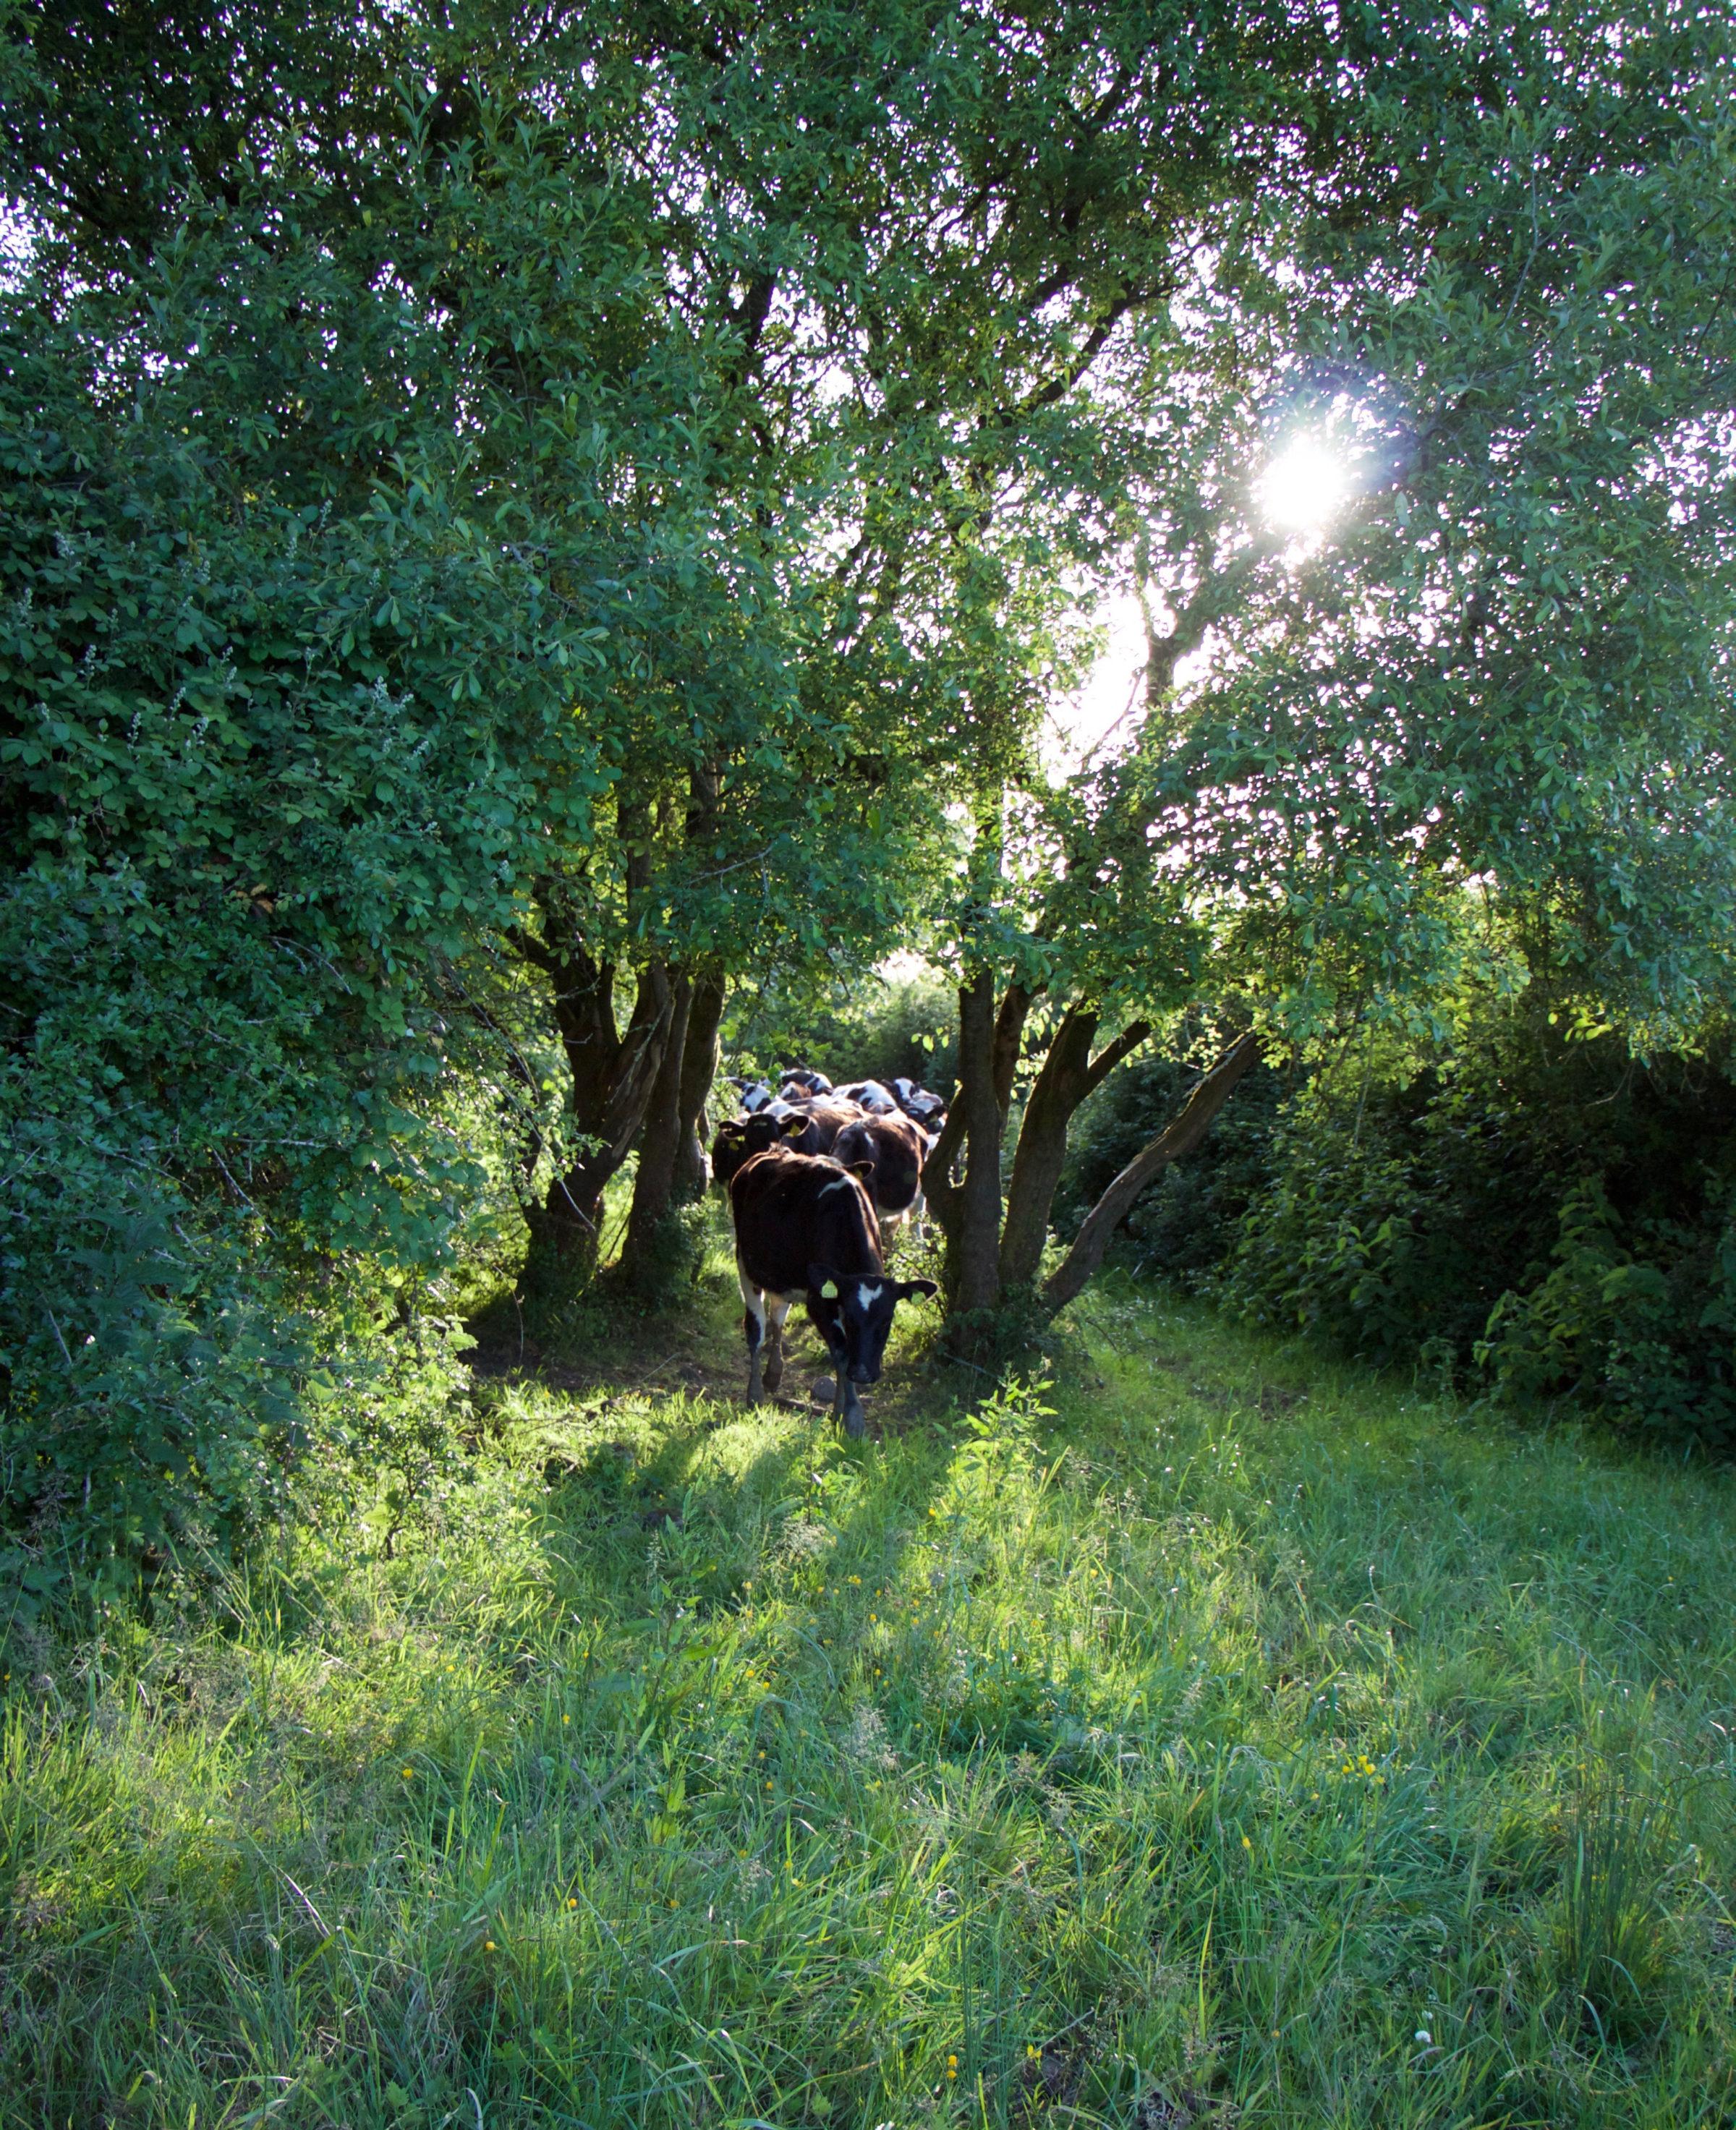 Irish farm life